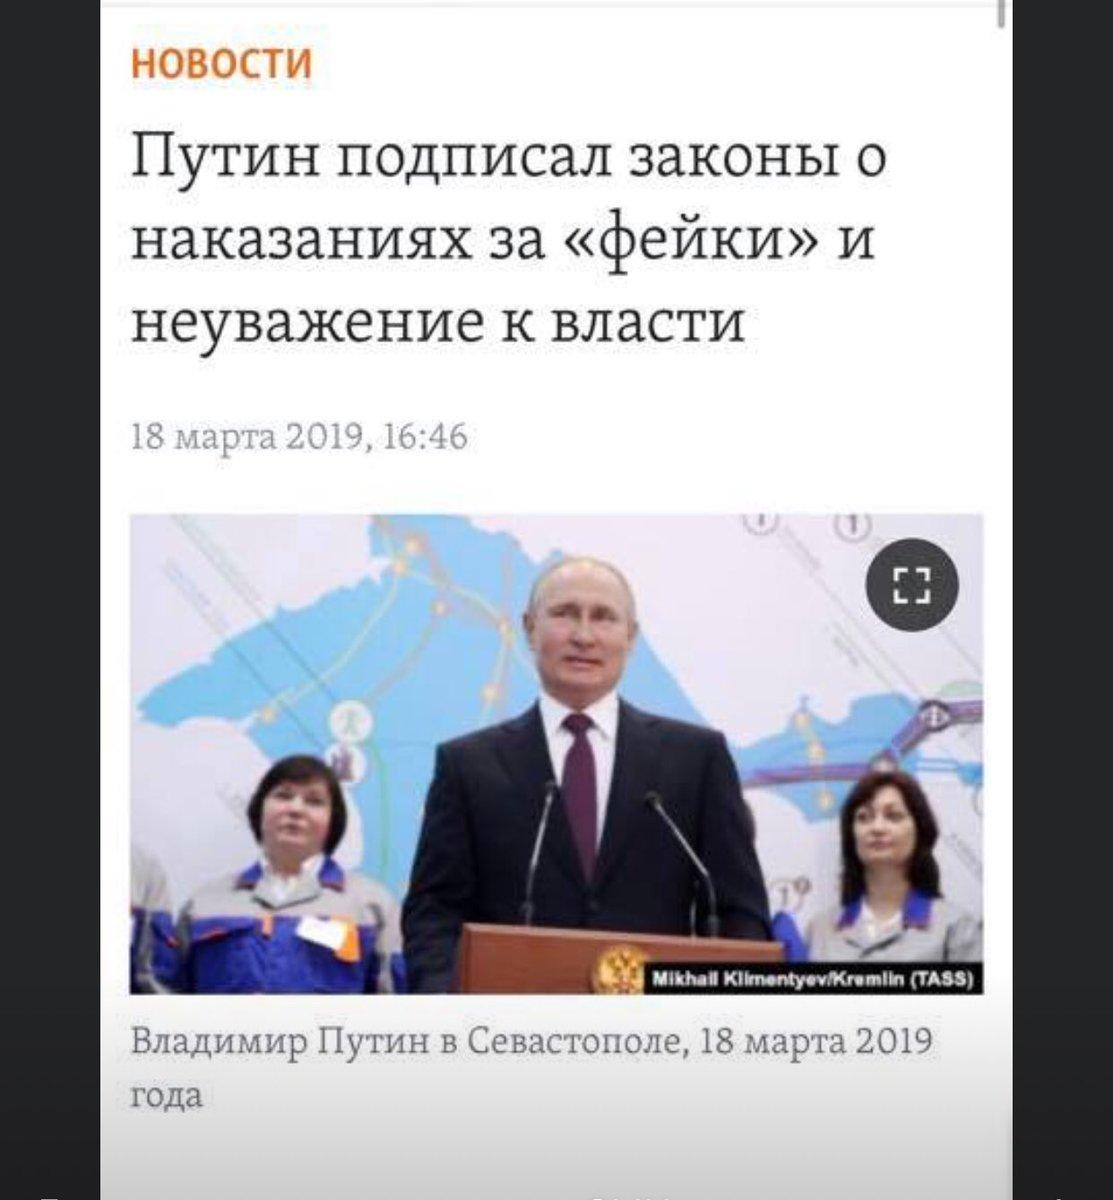 """В партию """"Слуга народа"""" вступили 27 депутатов фракции, в том числе Арахамия, Дубинский и Тищенко - Цензор.НЕТ 7992"""